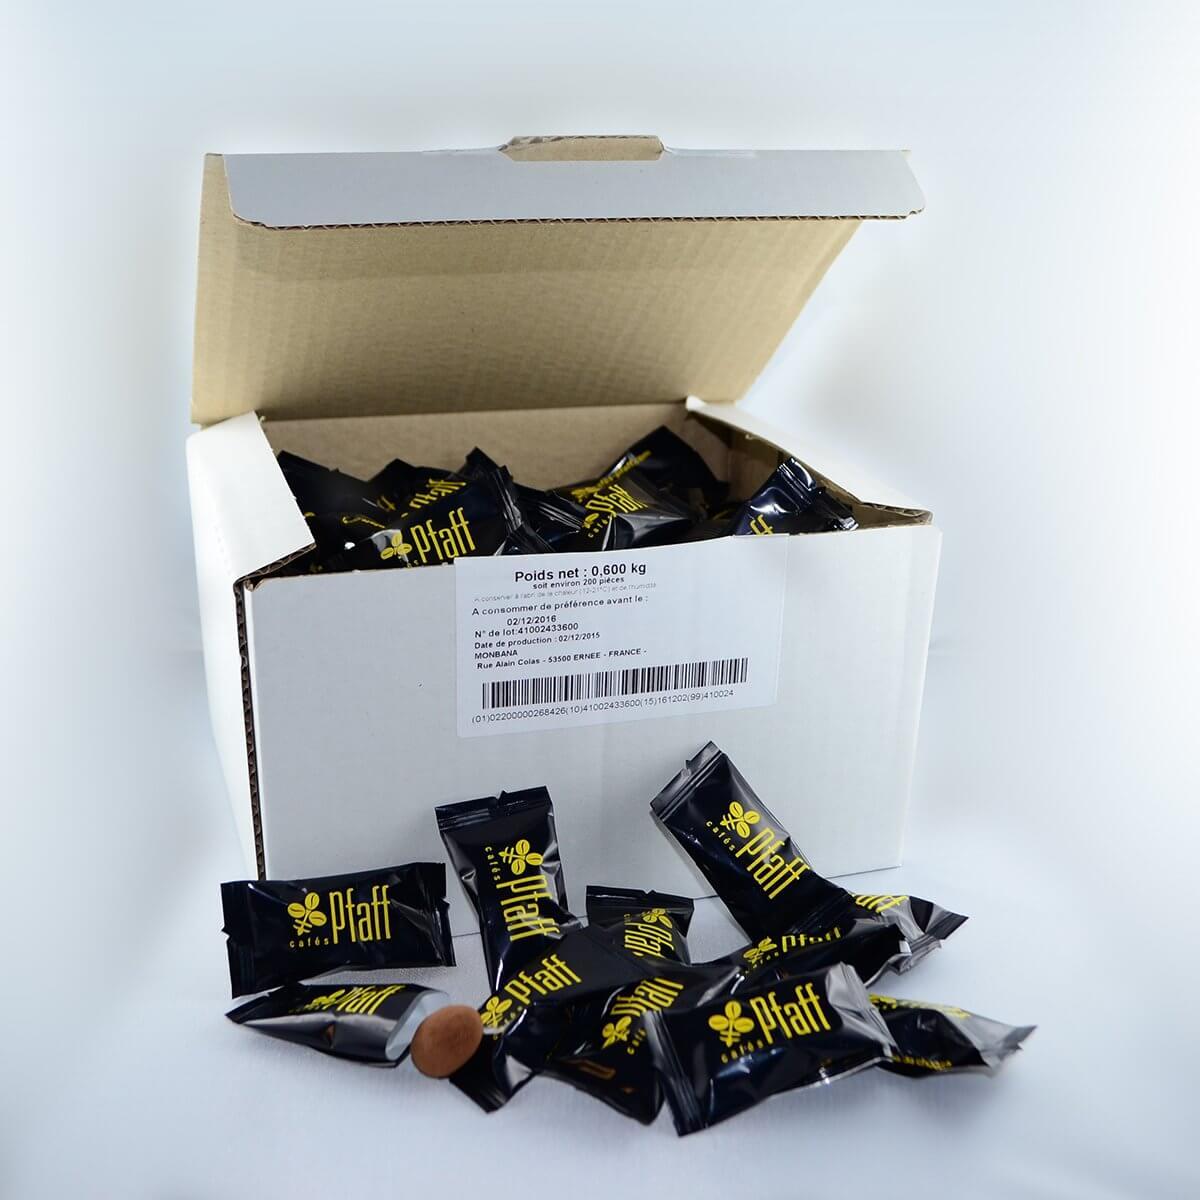 Boite d'amandes cacaotées Pfaff (x 200)